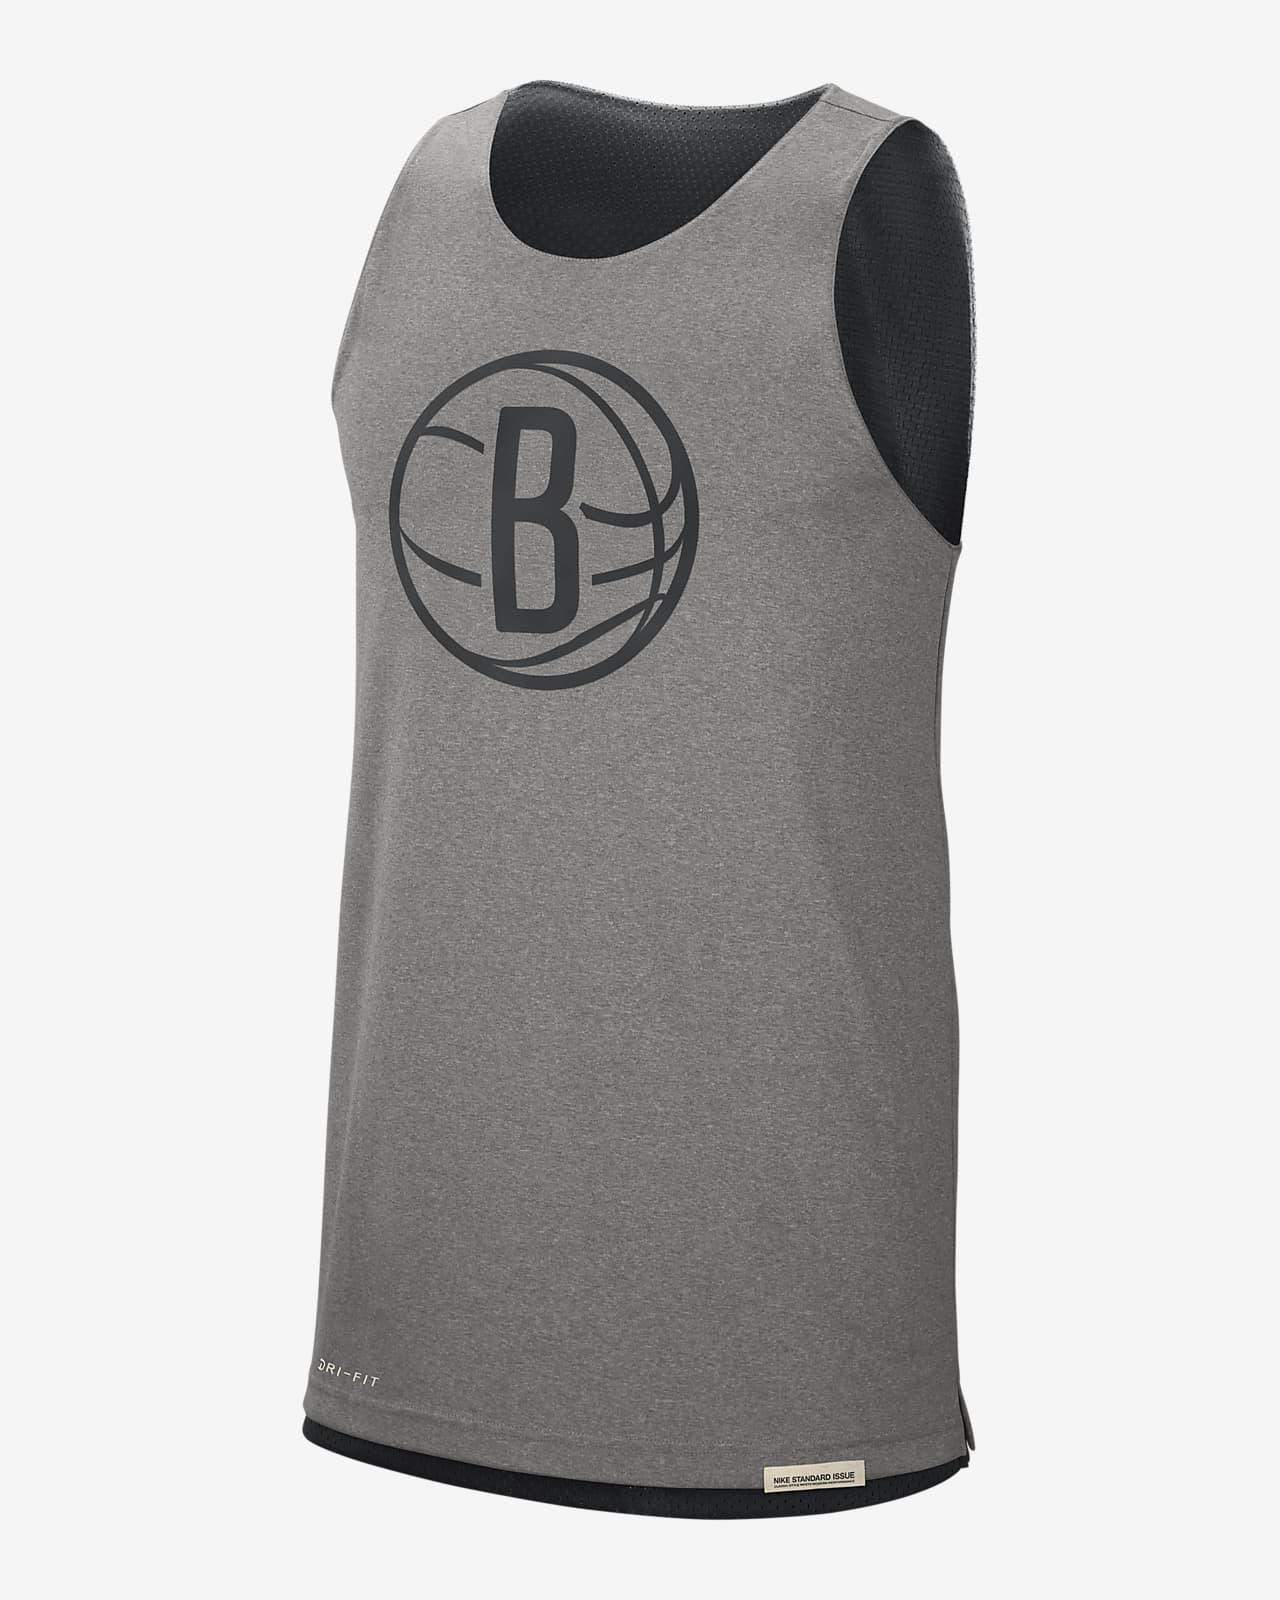 เสื้อกล้ามผู้ชายใส่ได้สองด้าน Nike NBA Brooklyn Nets Standard Issue